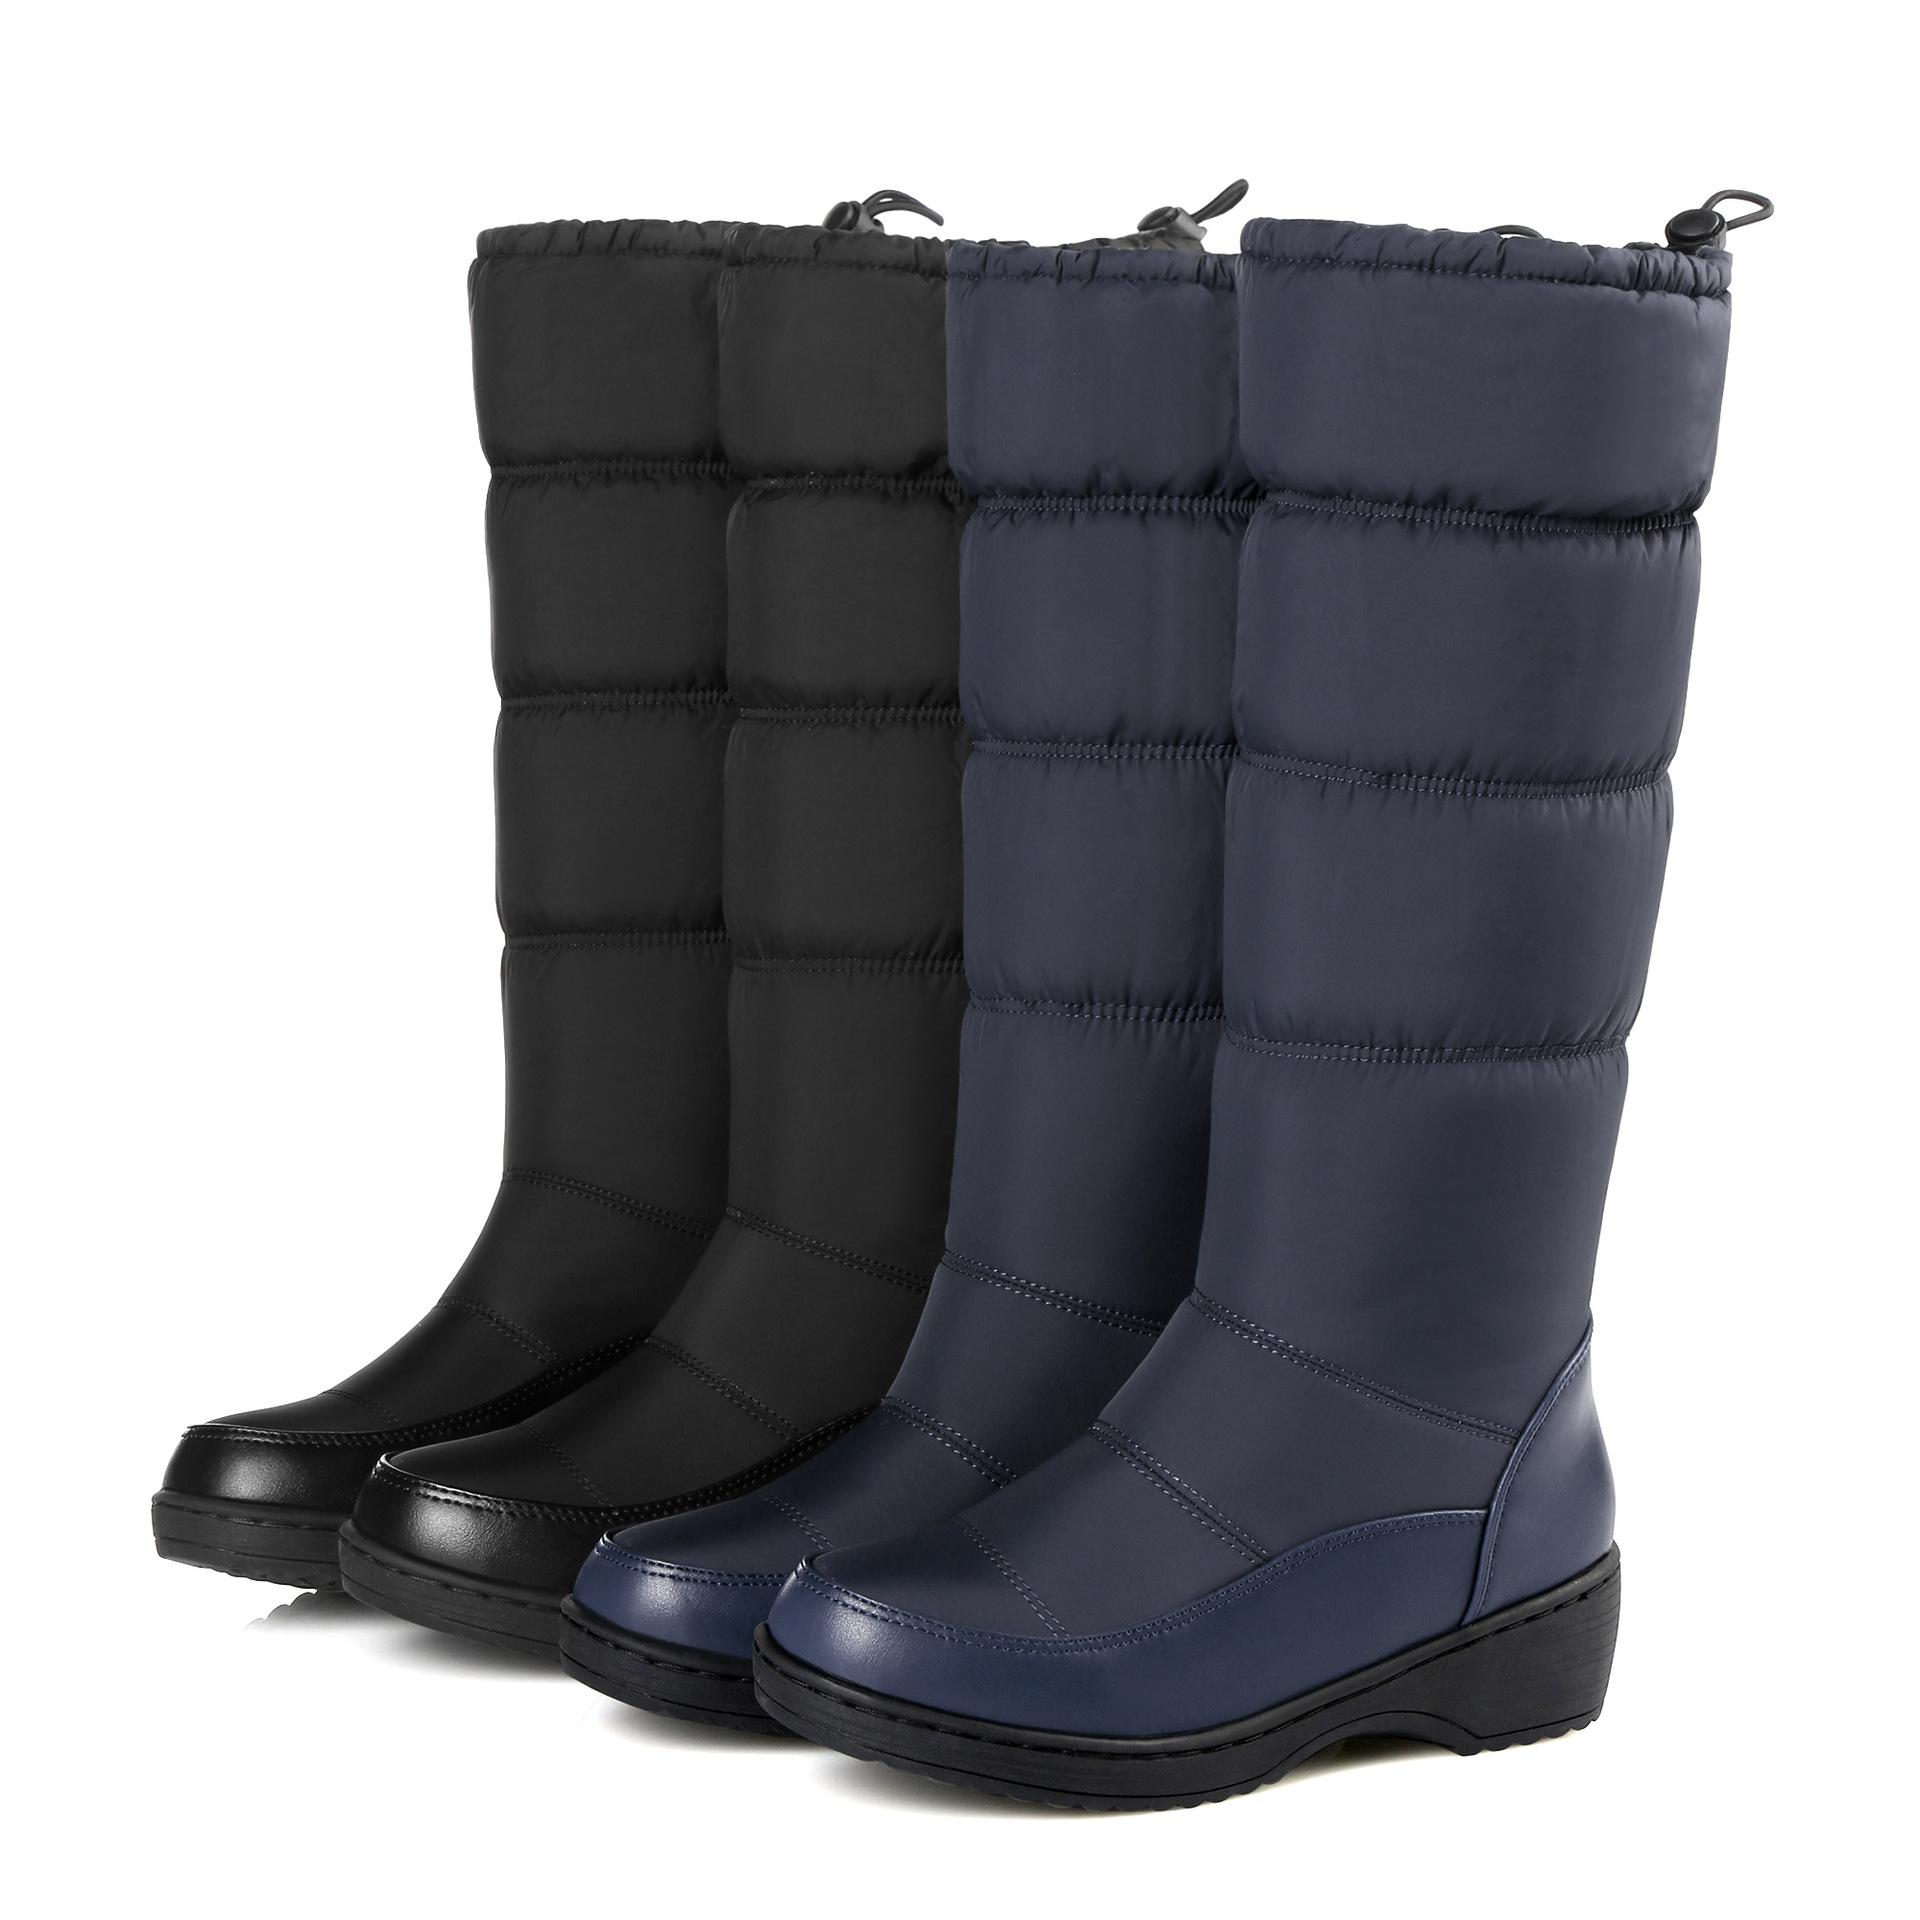 冬季女鞋防滑保暖短靴白棉鞋加绒加厚棉靴厚底松糕中筒雪地靴女靴